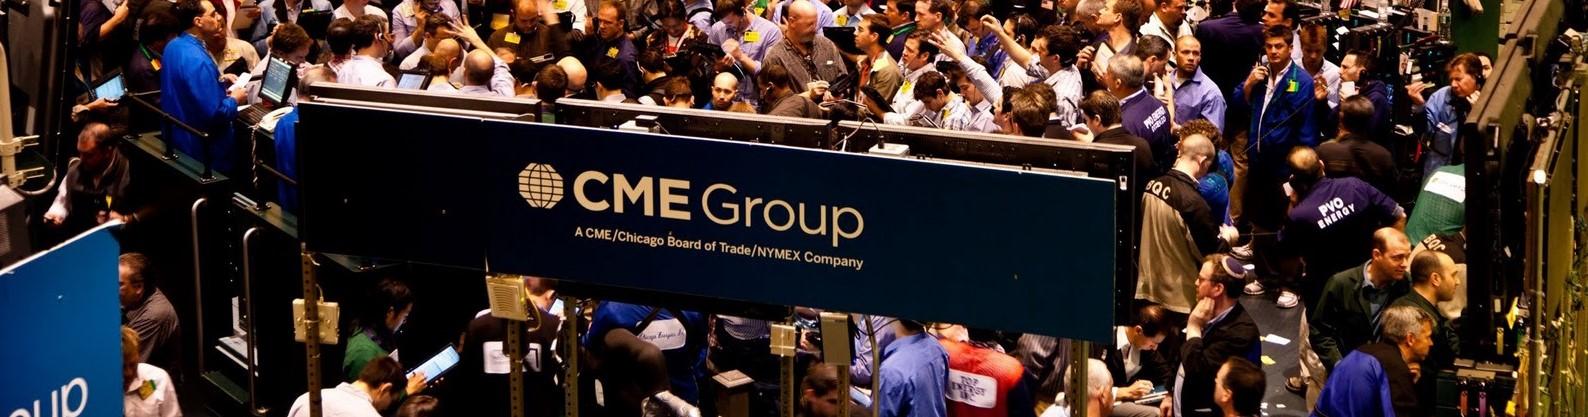 cme group bitcoin 18 december 2017 - На пять блочных сделок пришлось более 80% торговой активности на рынке биткоин-опционов CME